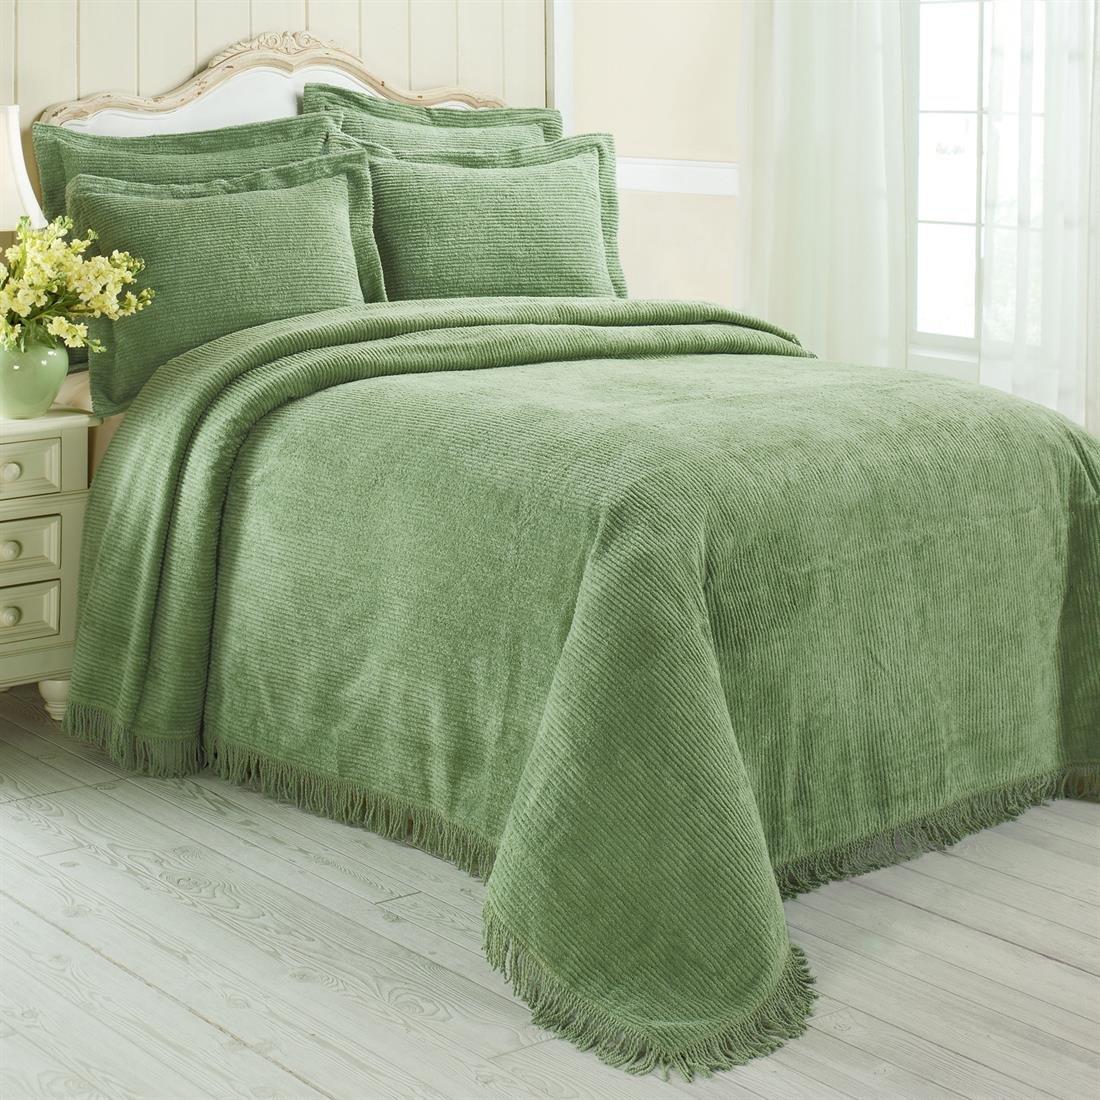 Bedroom Set Amazon